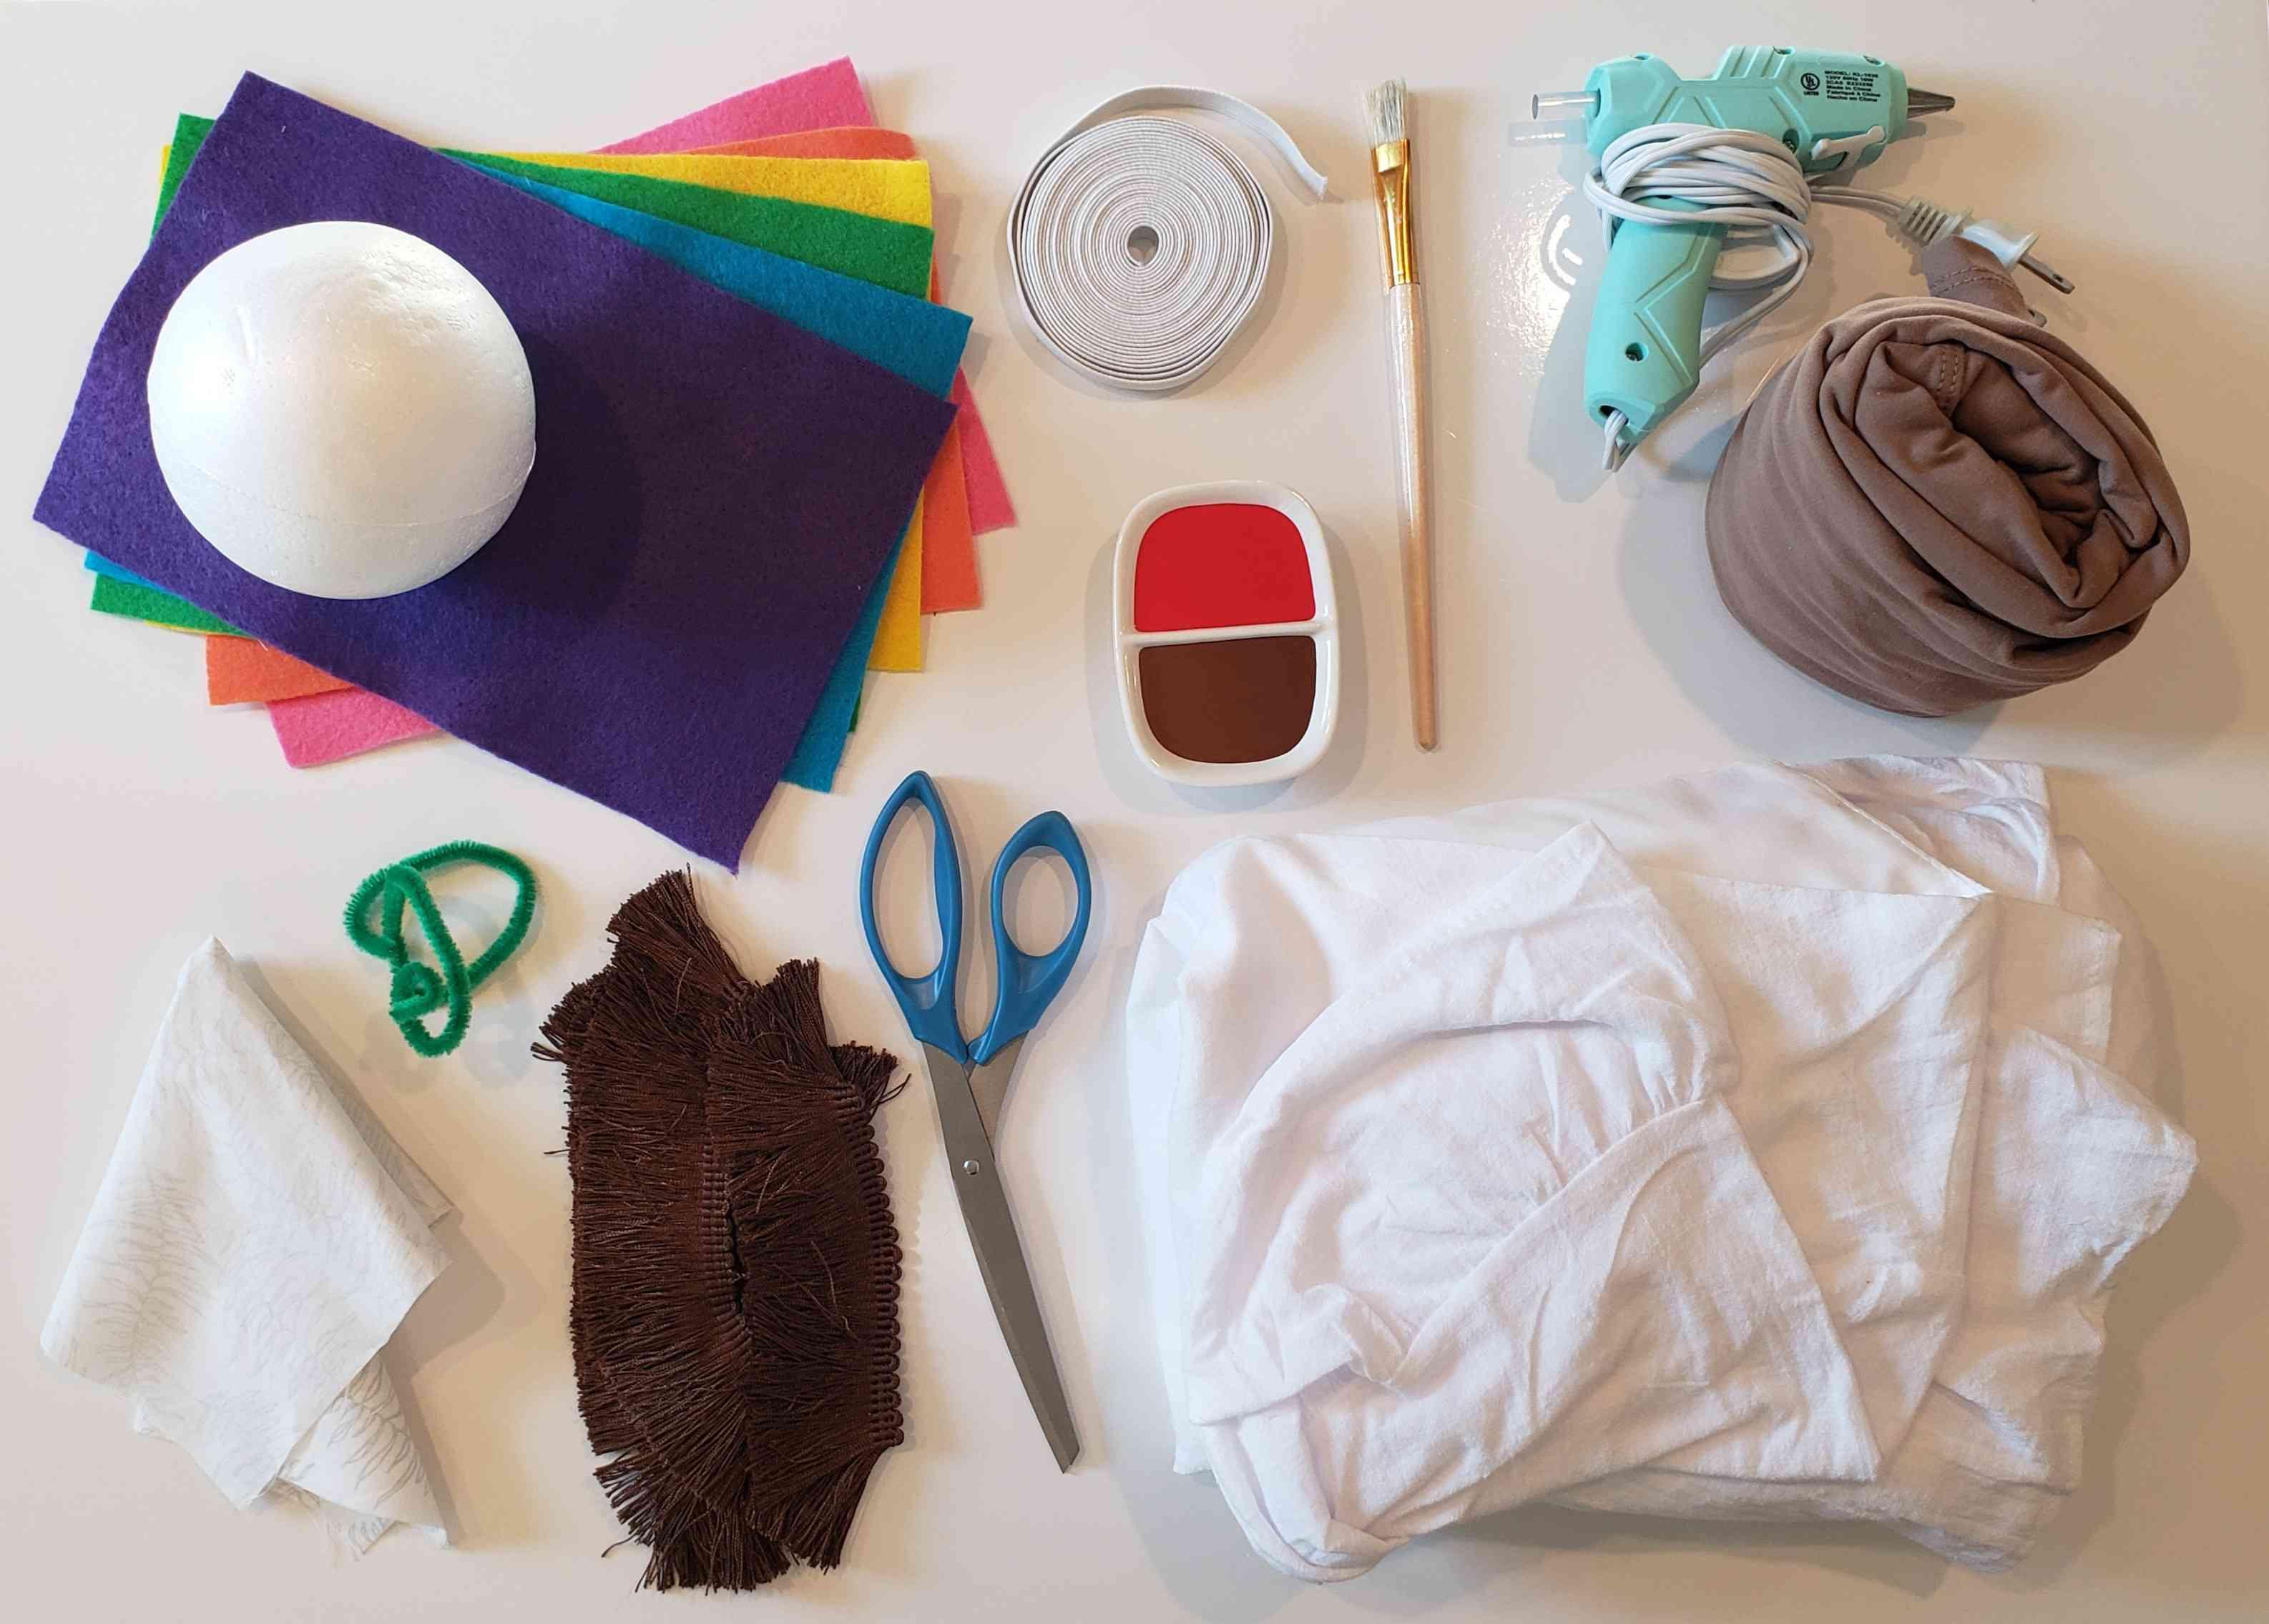 Costume materials